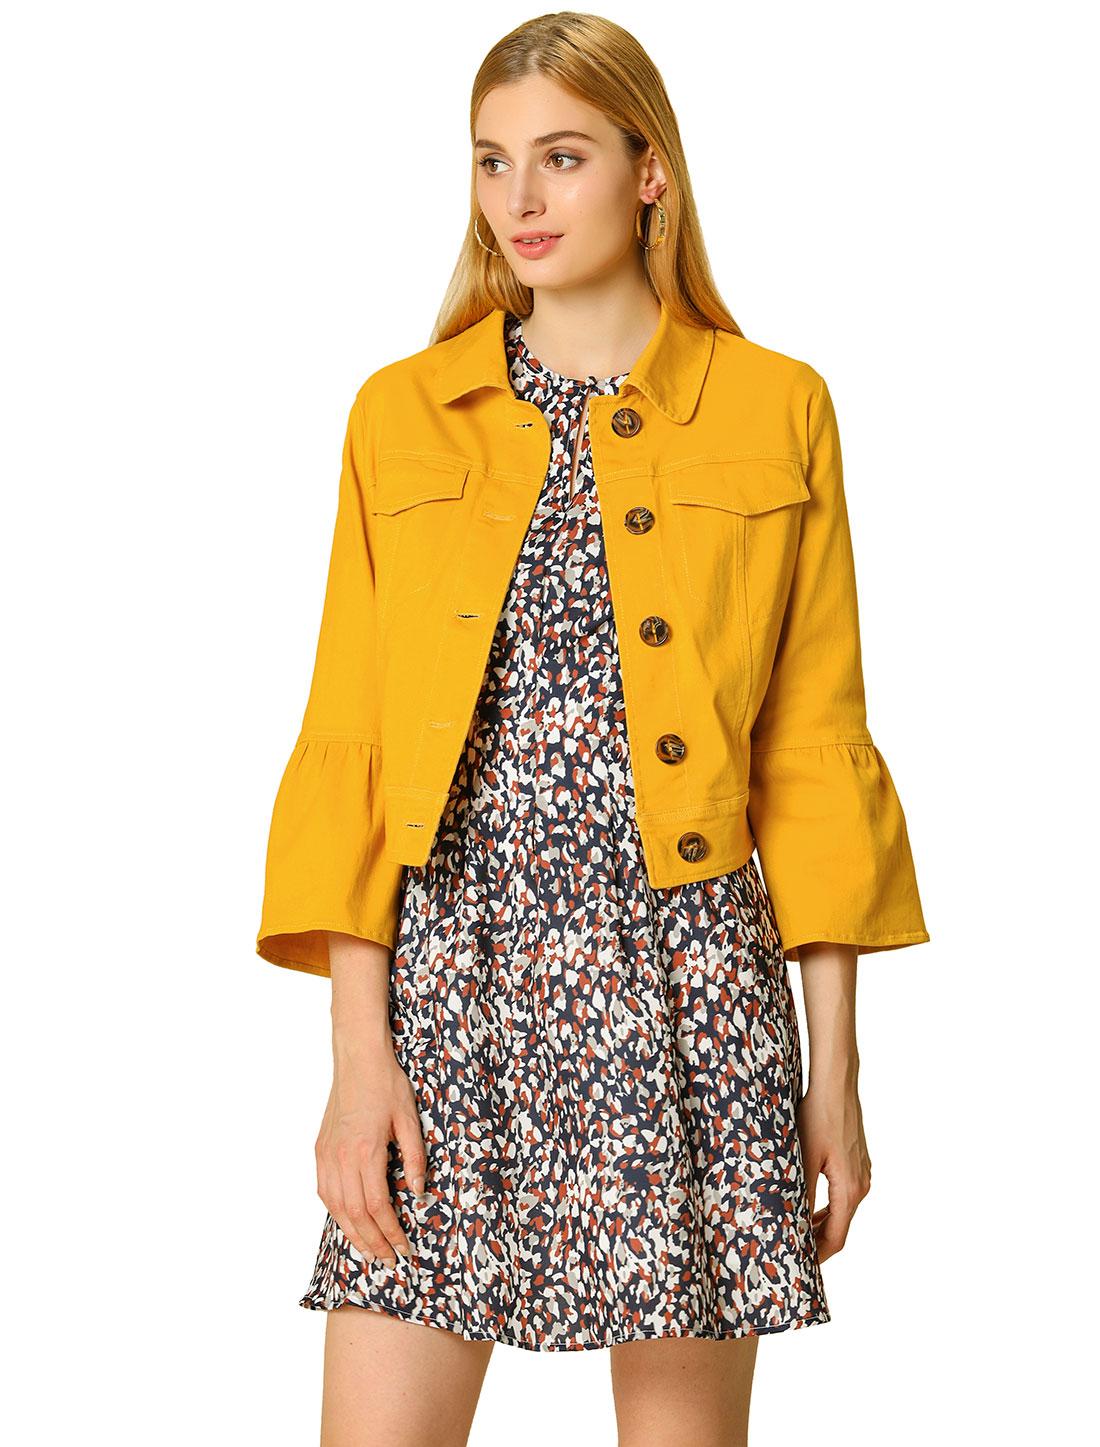 Allegra K Women's Ruffle 3/4 Sleeve Cropped Trucker Jacket Yellow XS